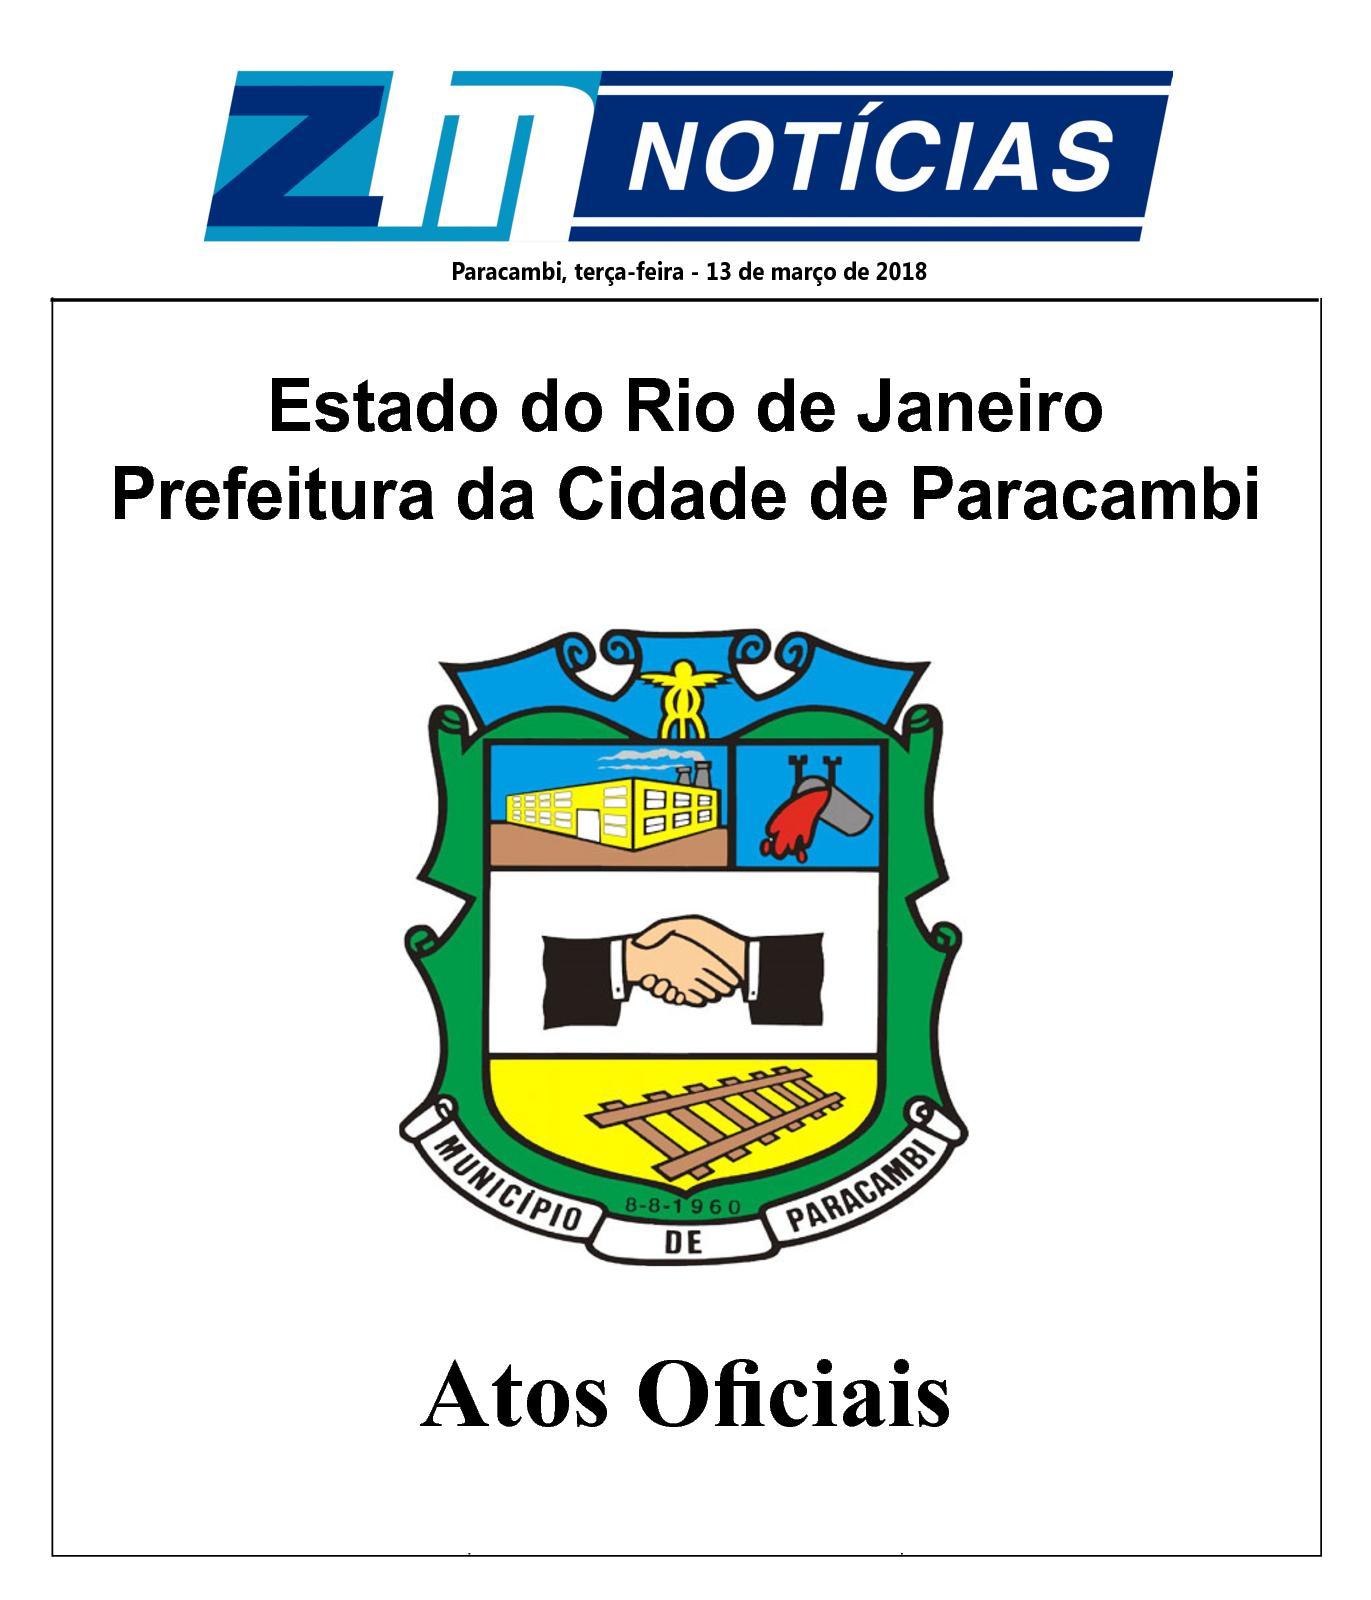 P M P Atos Oficiais 130318